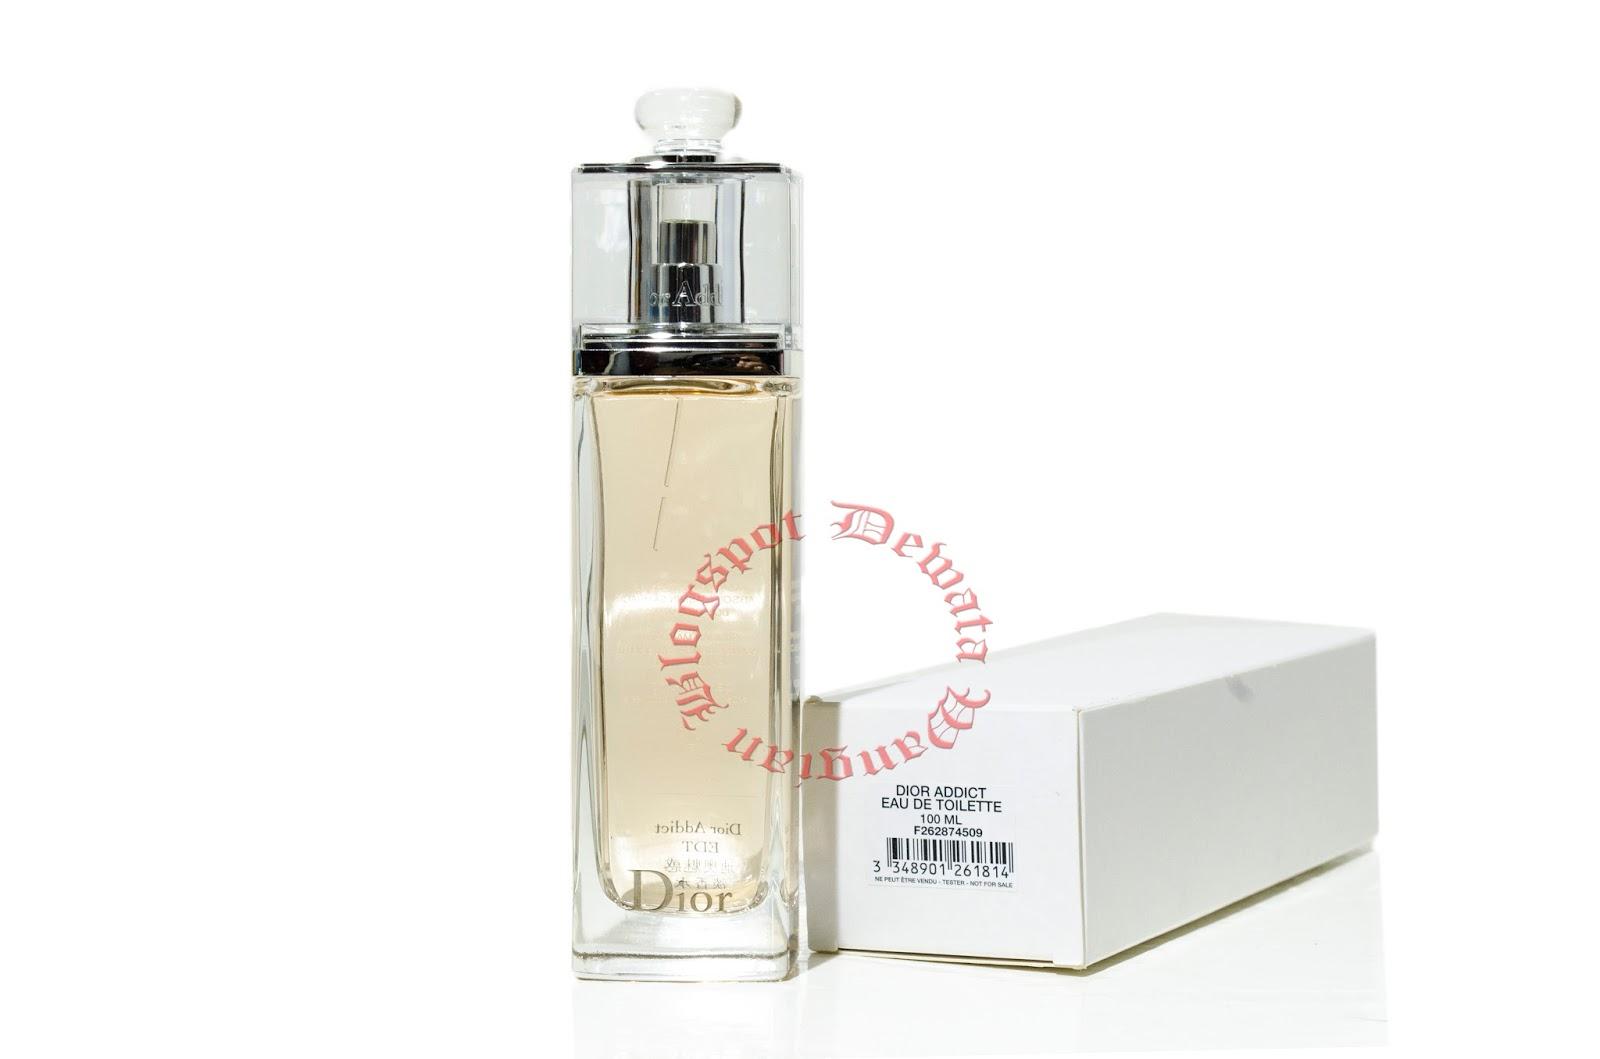 dior addict perfume 100ml price